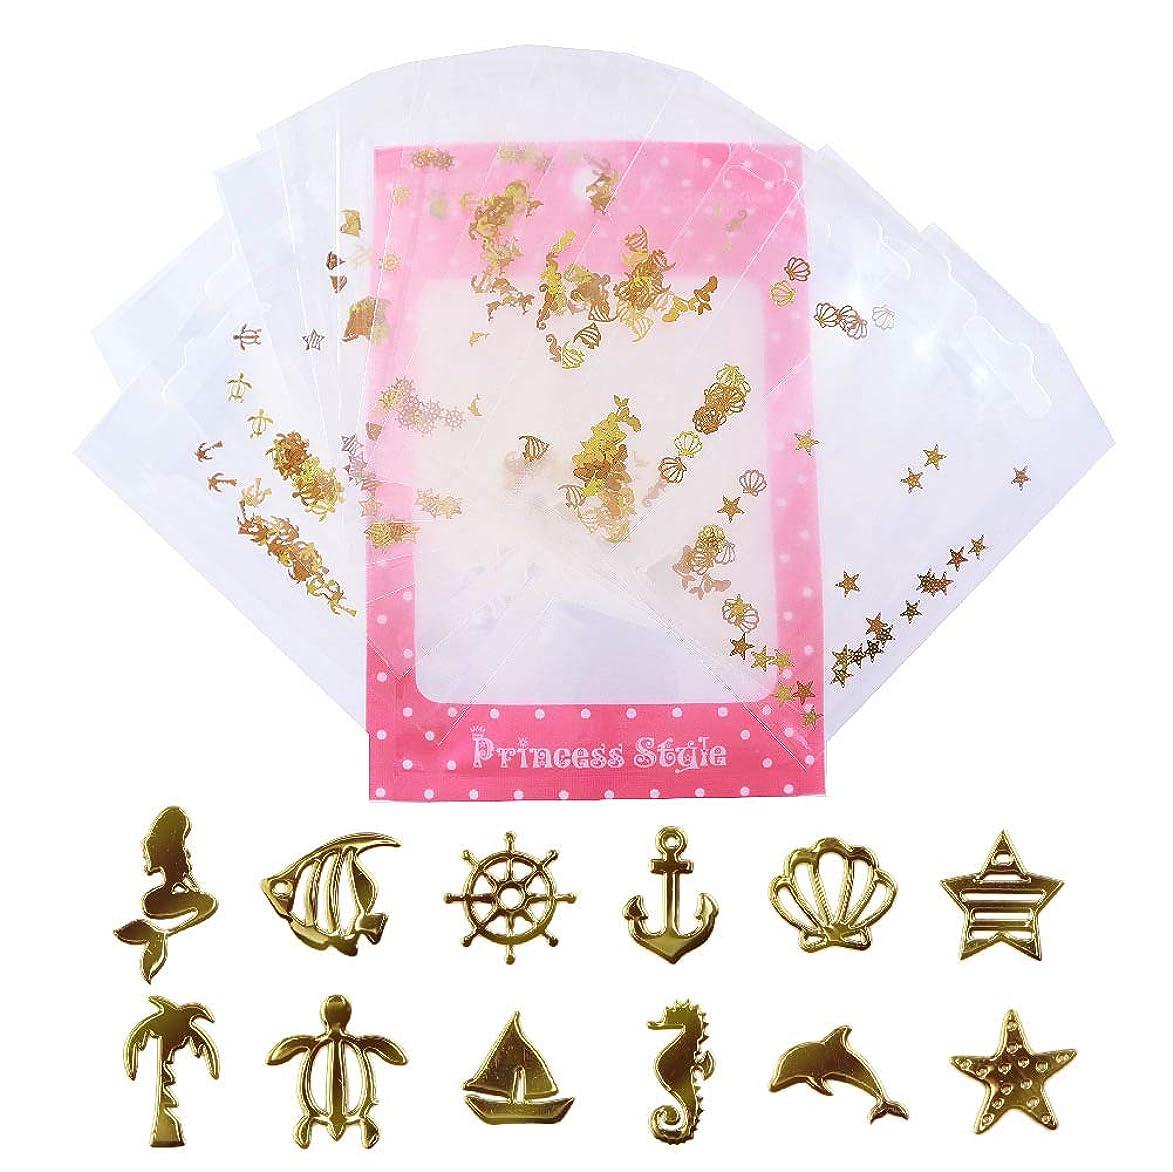 知性必要人薄型 アート パーツ ゴールド ネイル&レジン用 マリンパーツ 12種類300枚セット 袋入り